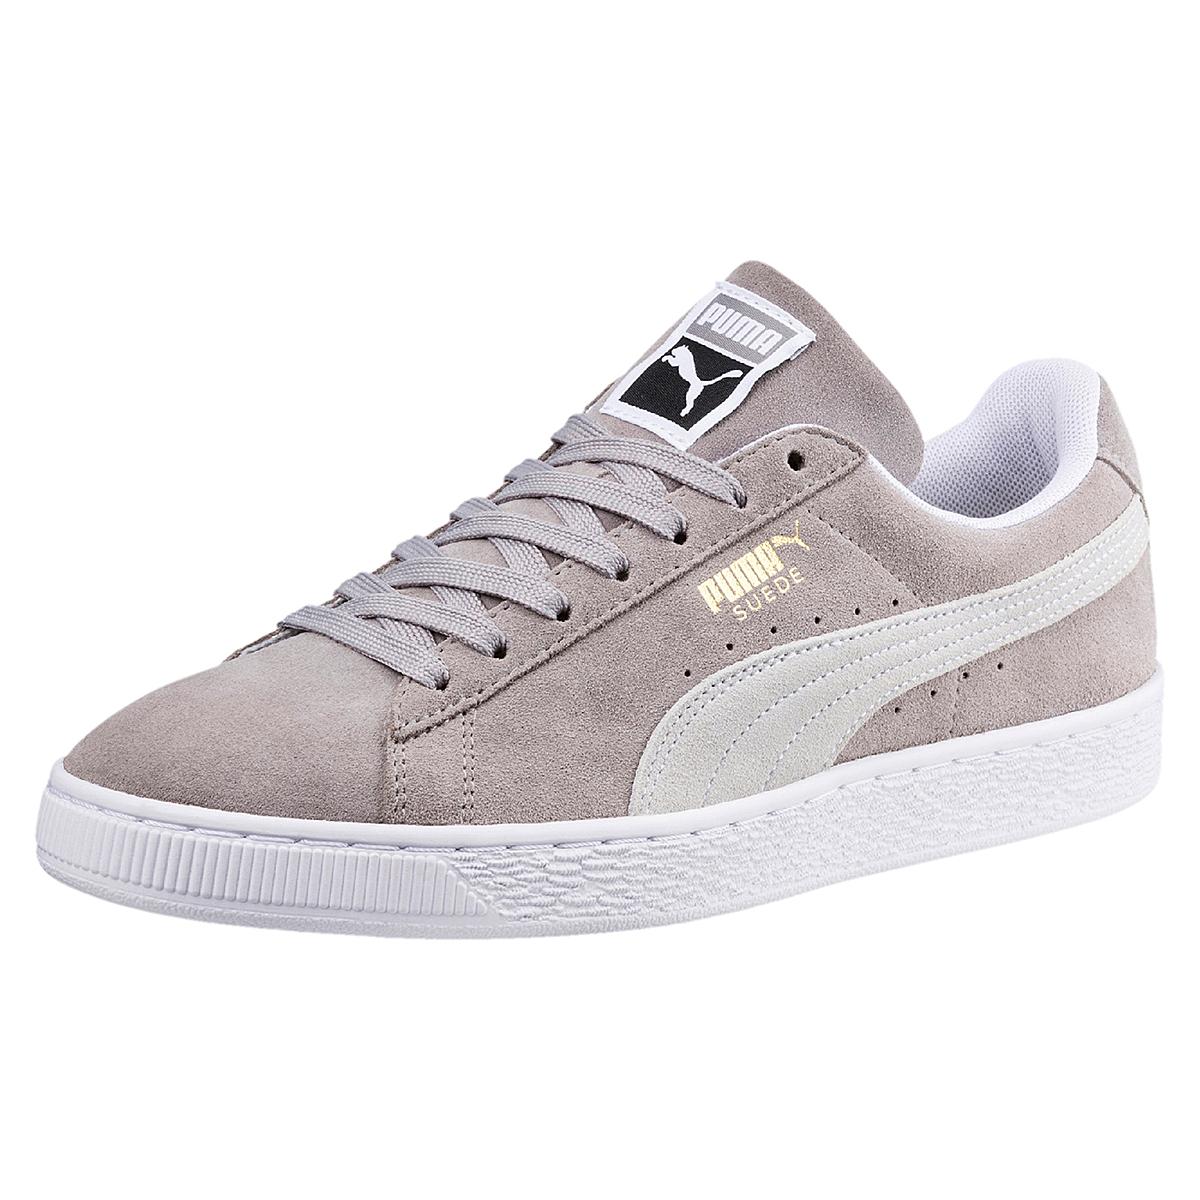 ae6221a2da37 Puma Suede Classic Unisex Sneaker Low-Top grau 365347 01 Sneaker ...